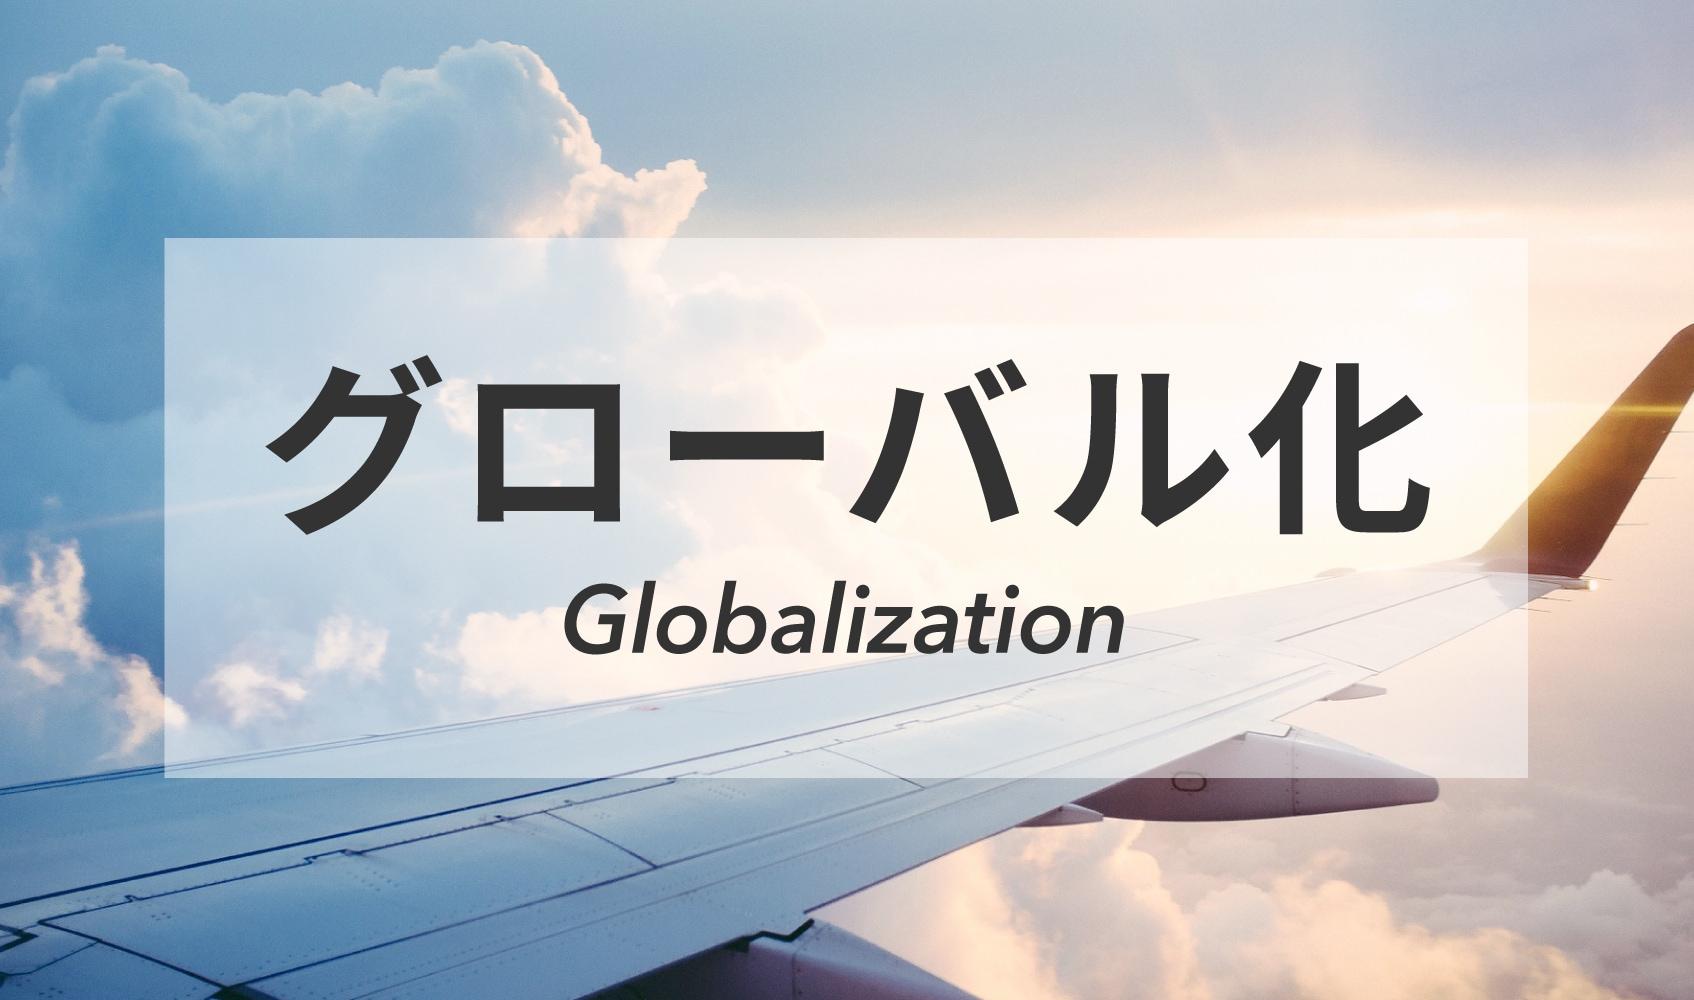 グローバル化 Globalization